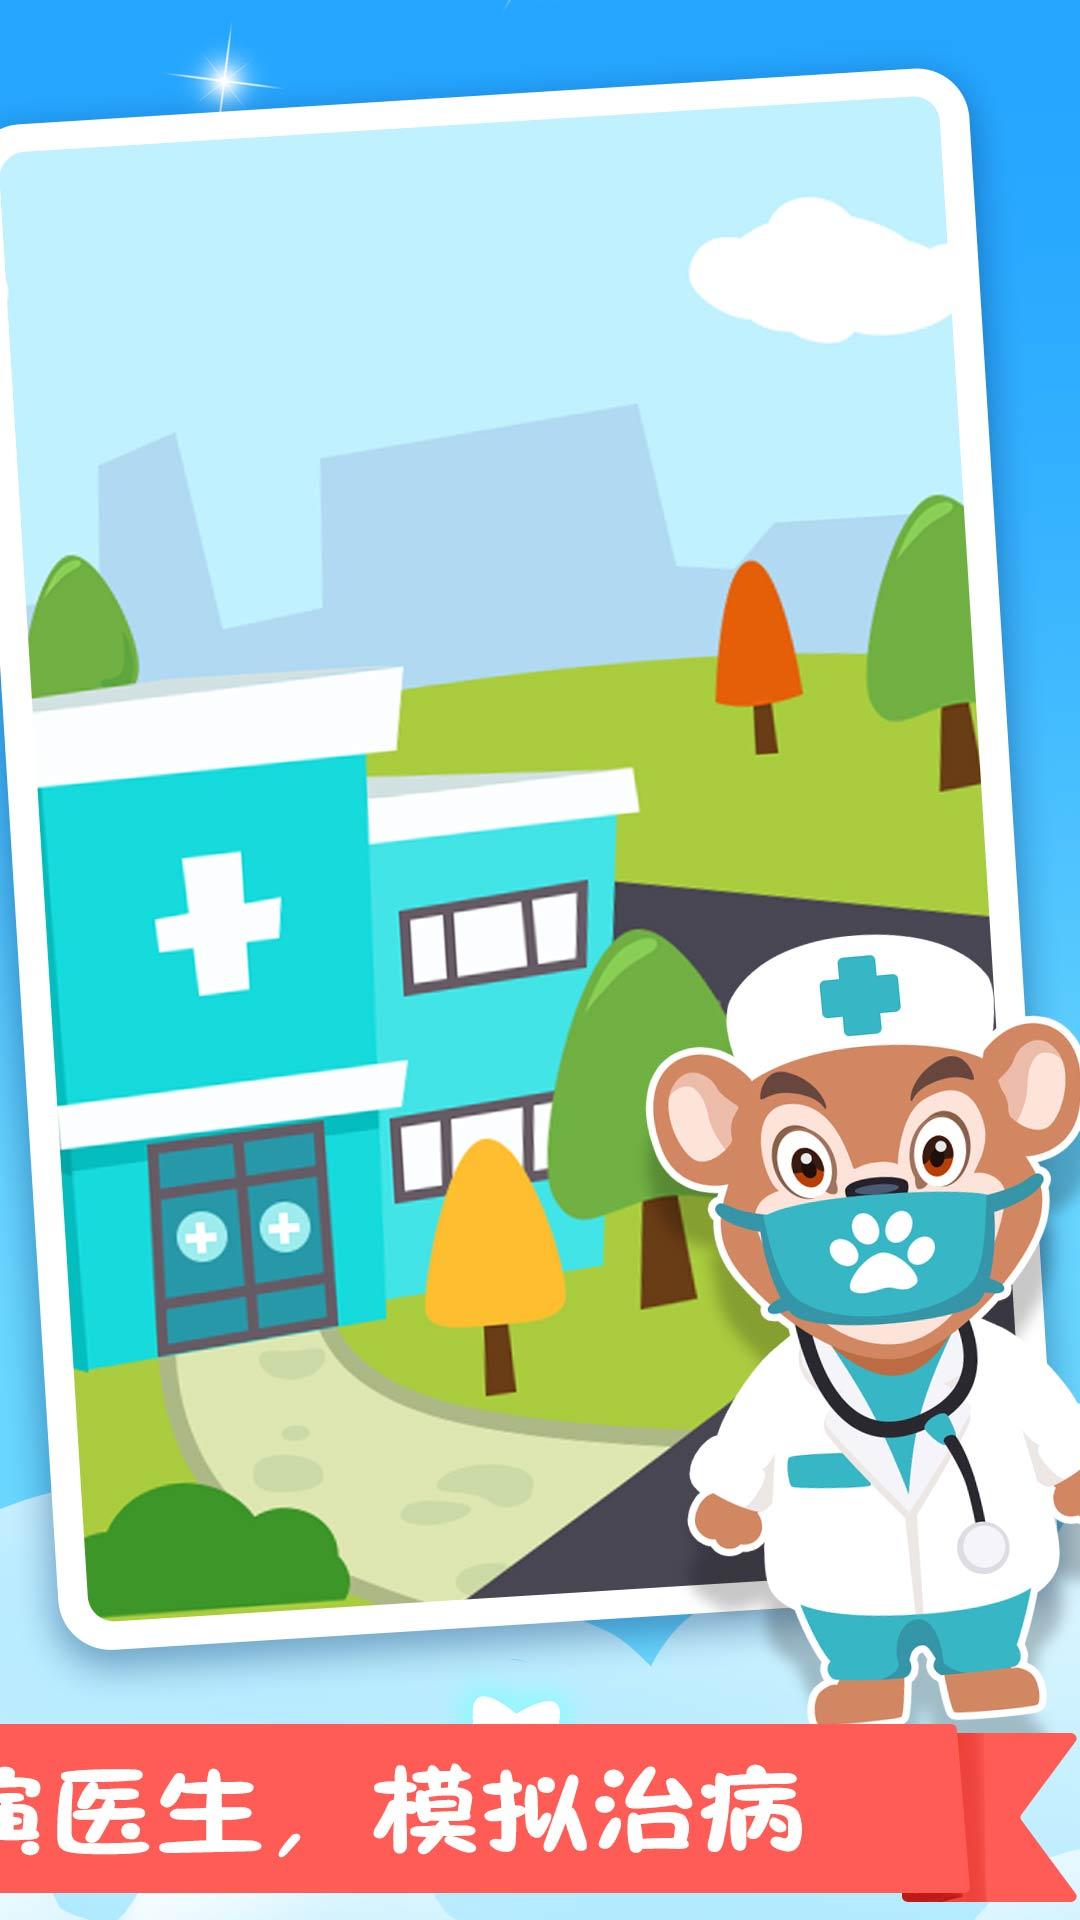 熊大叔医院